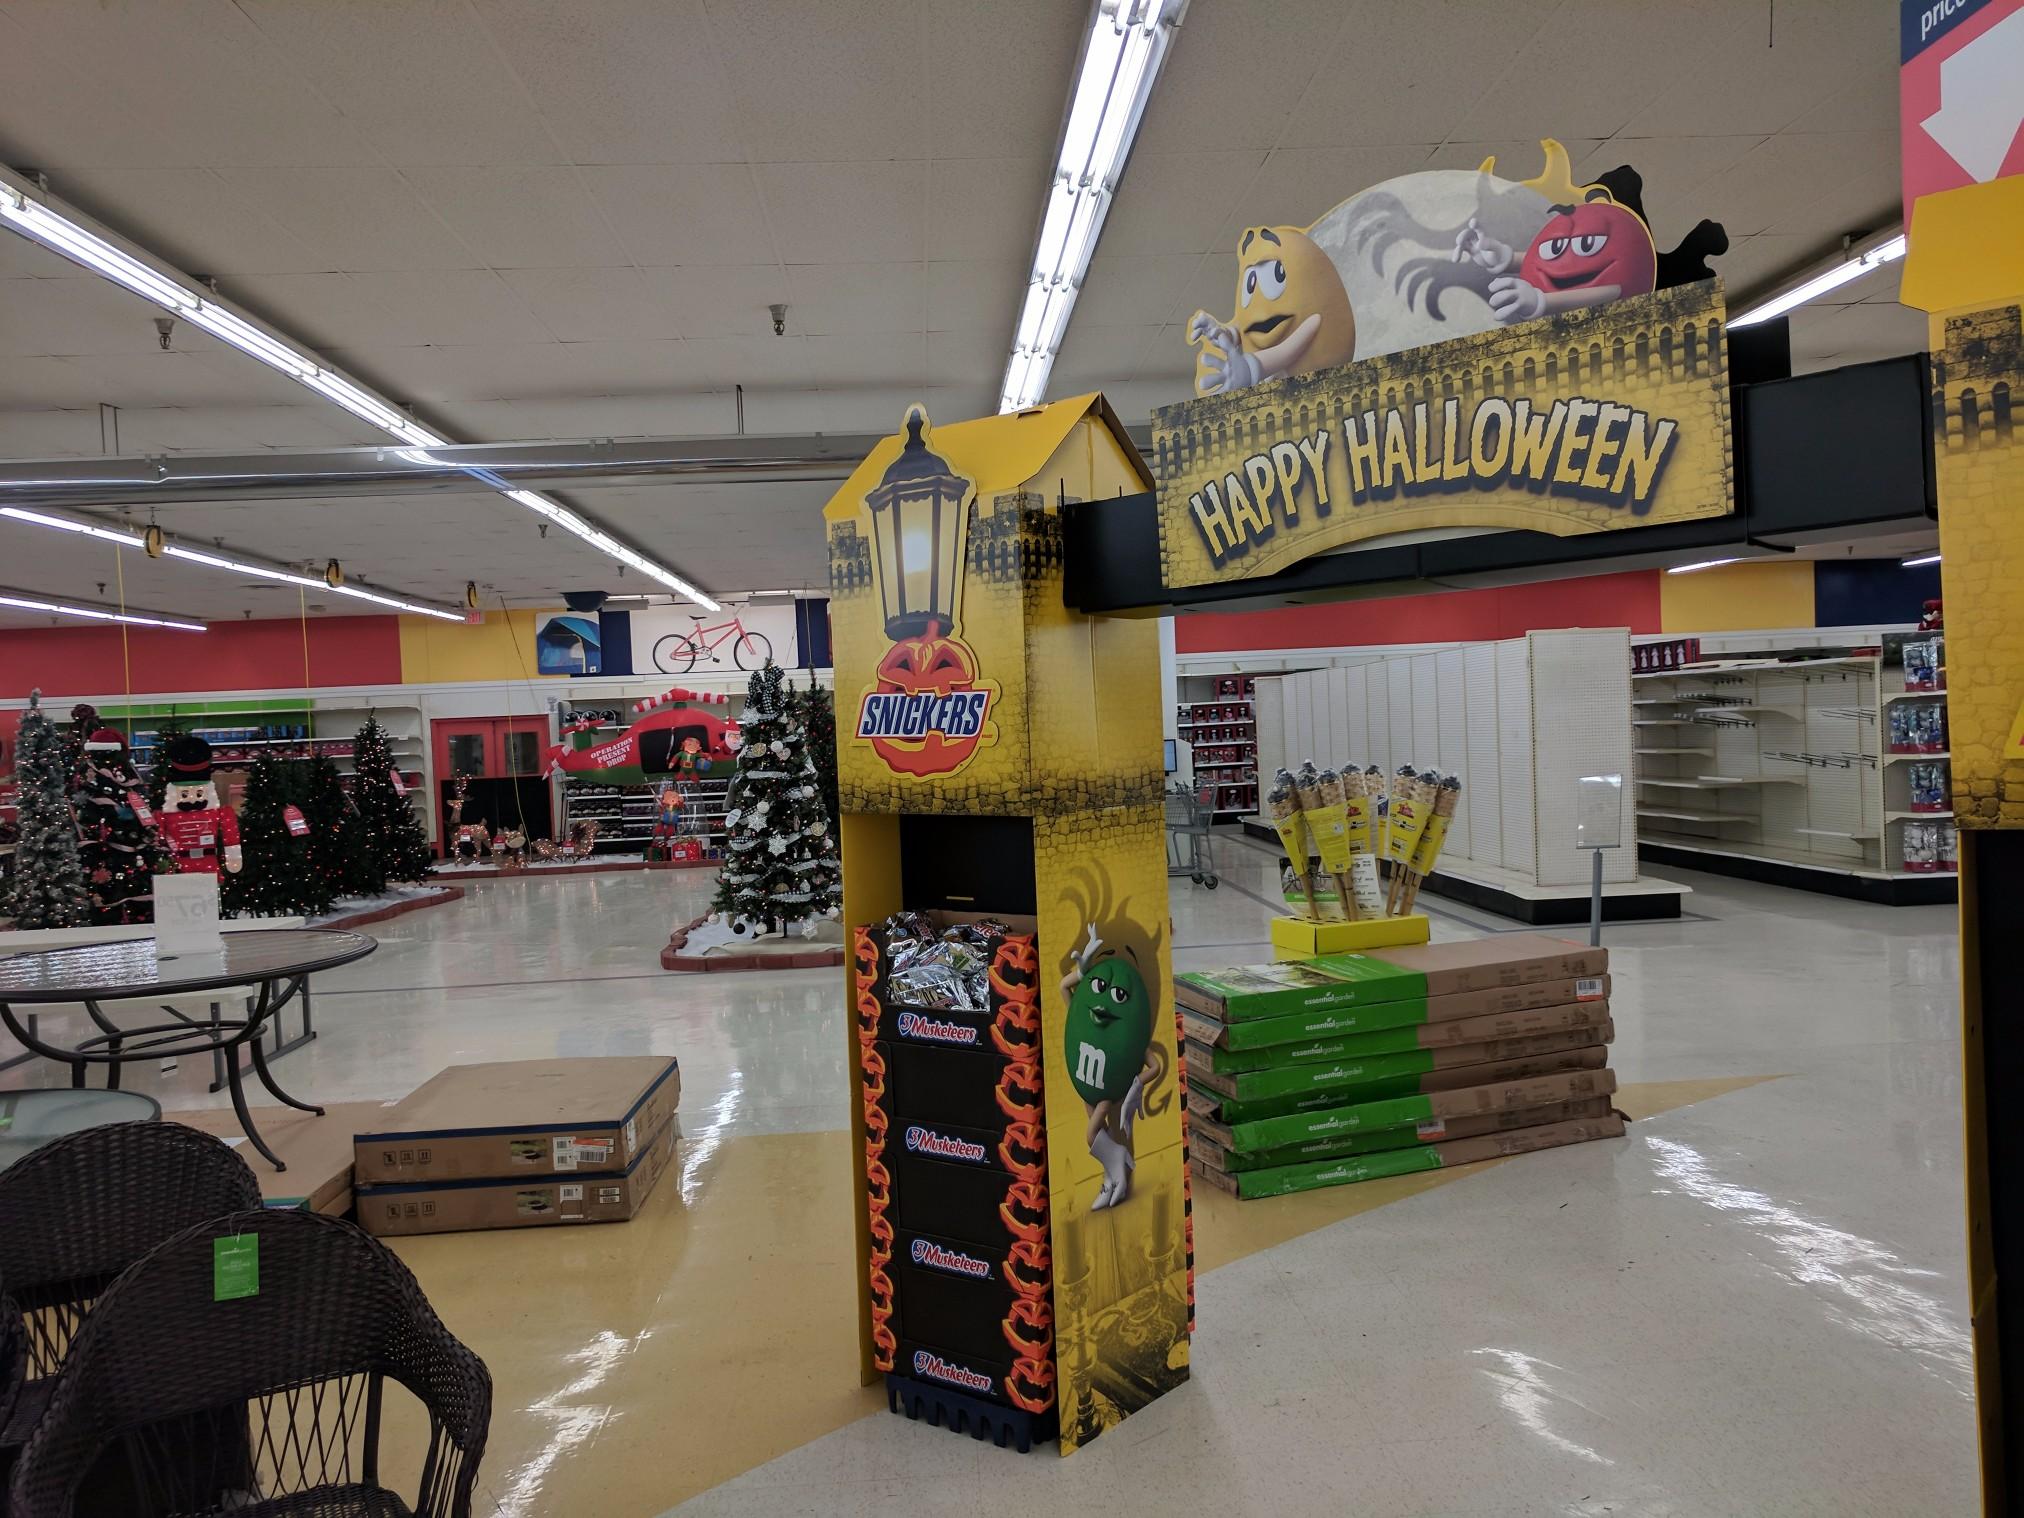 Kmart s Merry Halloween mas display